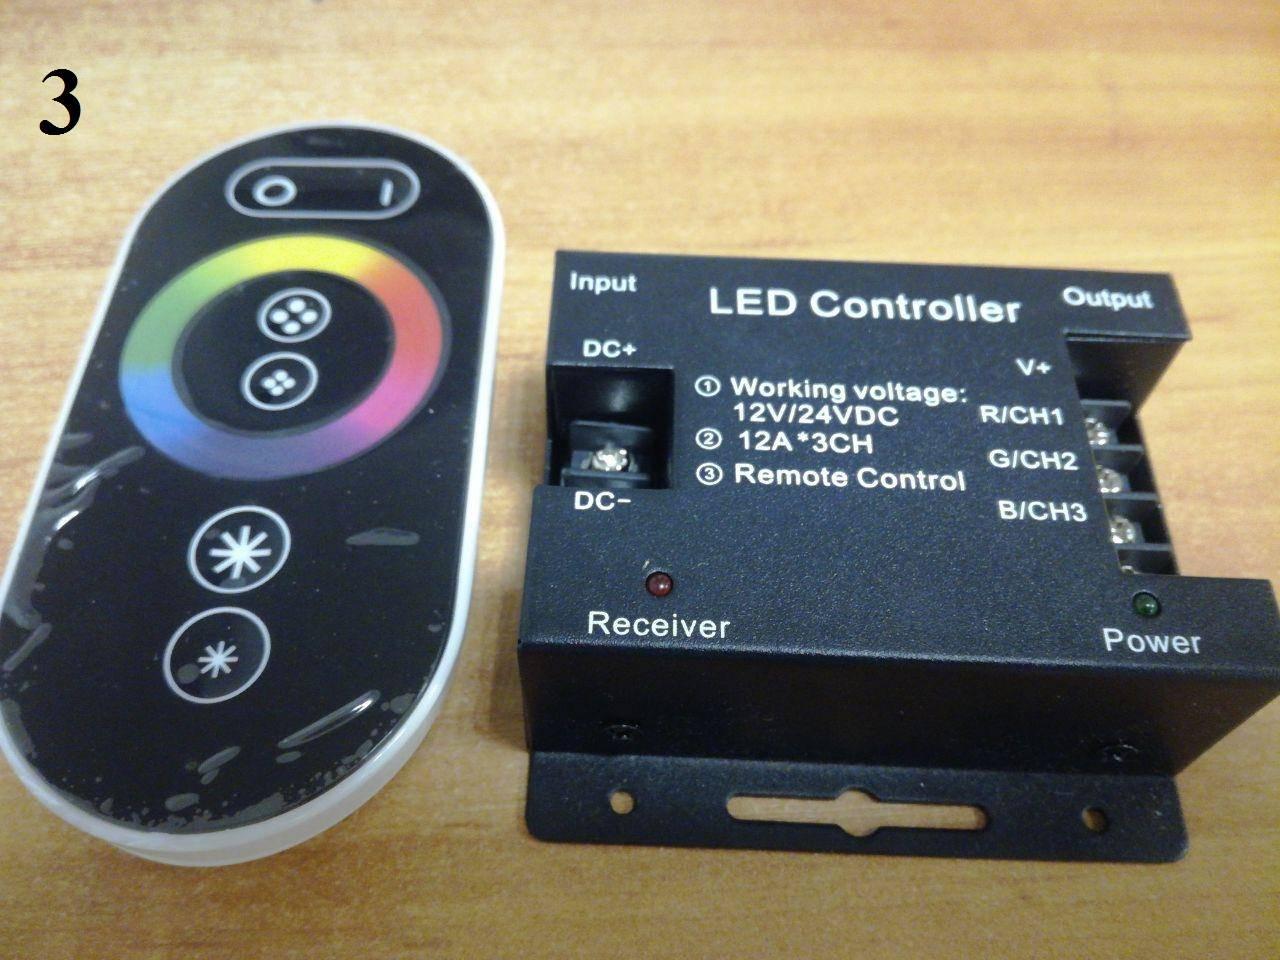 3. Контроллер с сенсорным пультом мощностью 432 w.